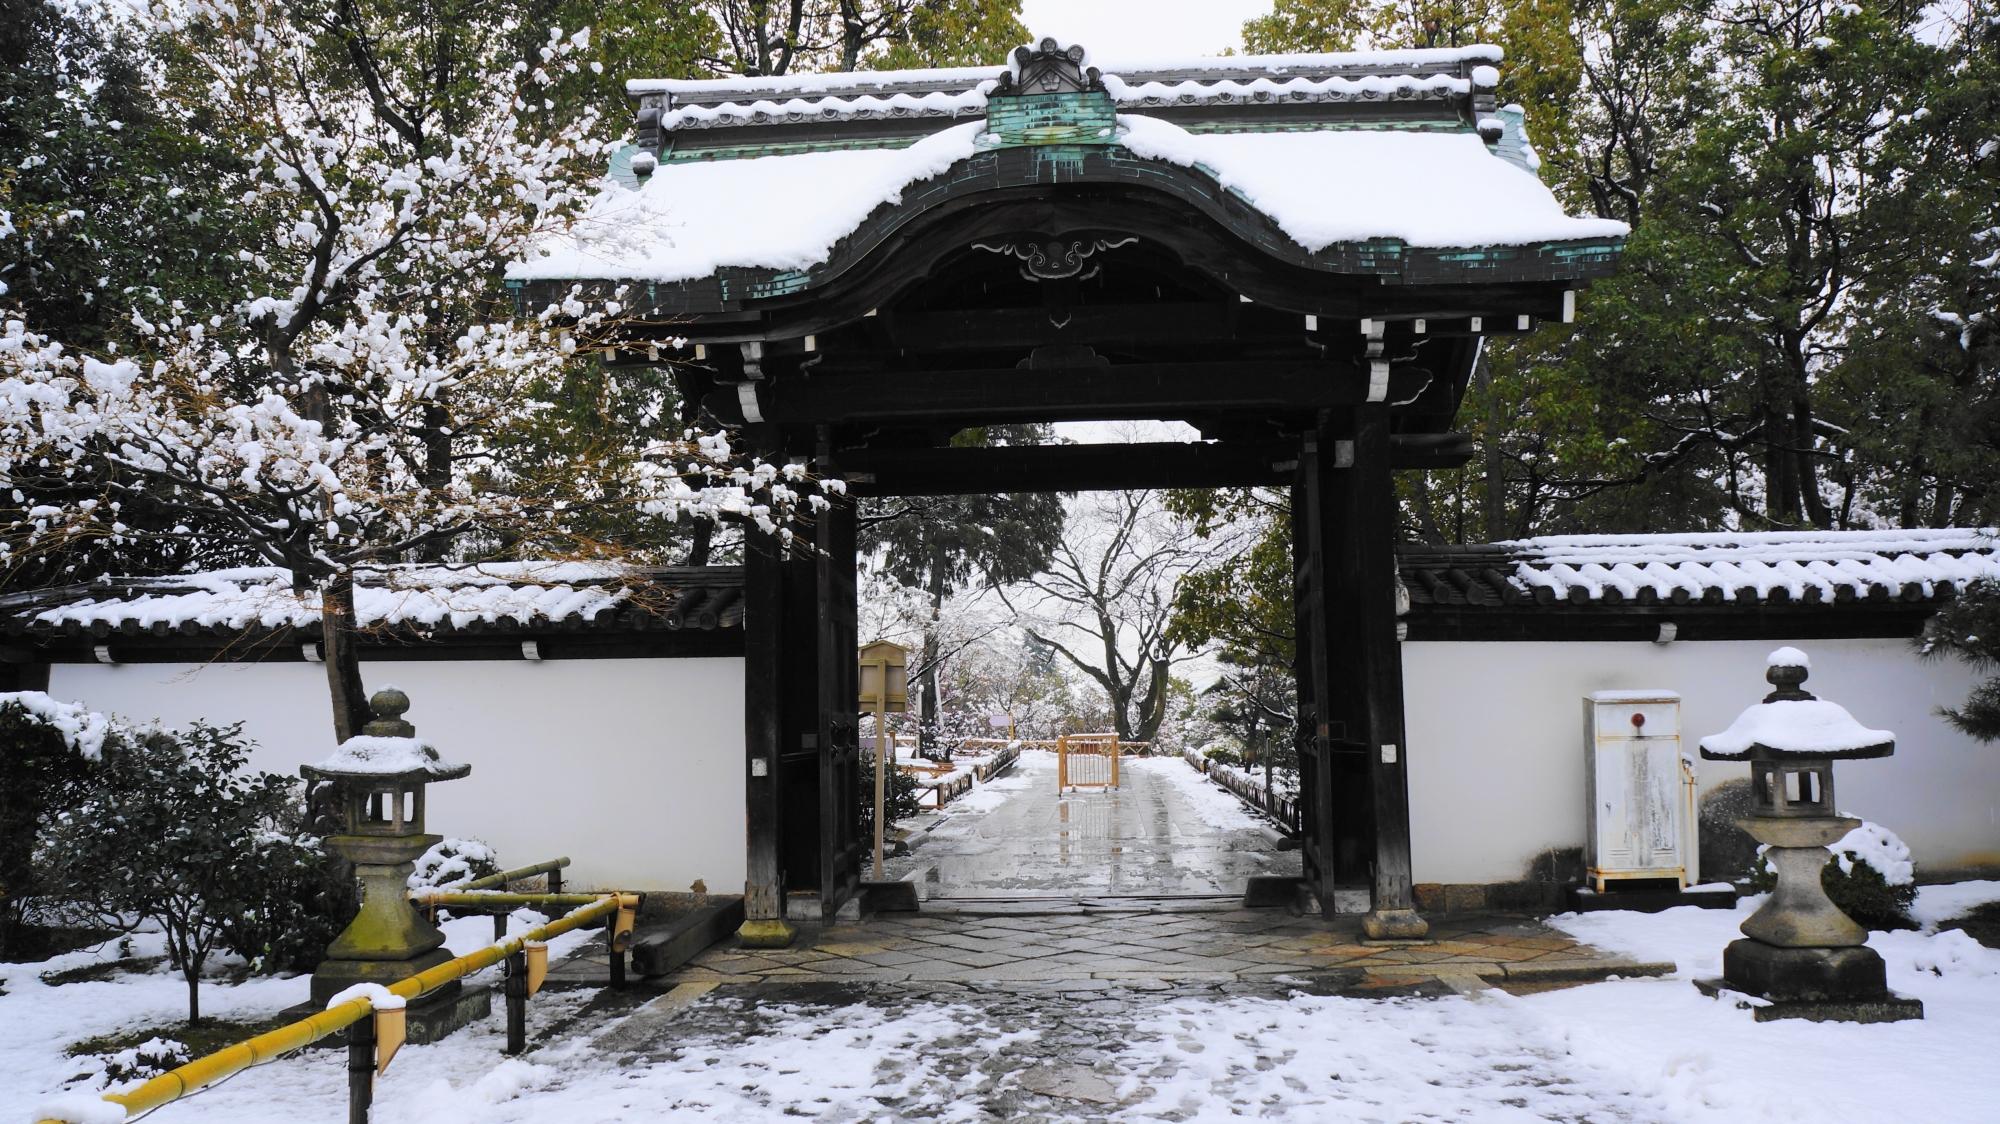 講堂側から眺めた雪の唐門